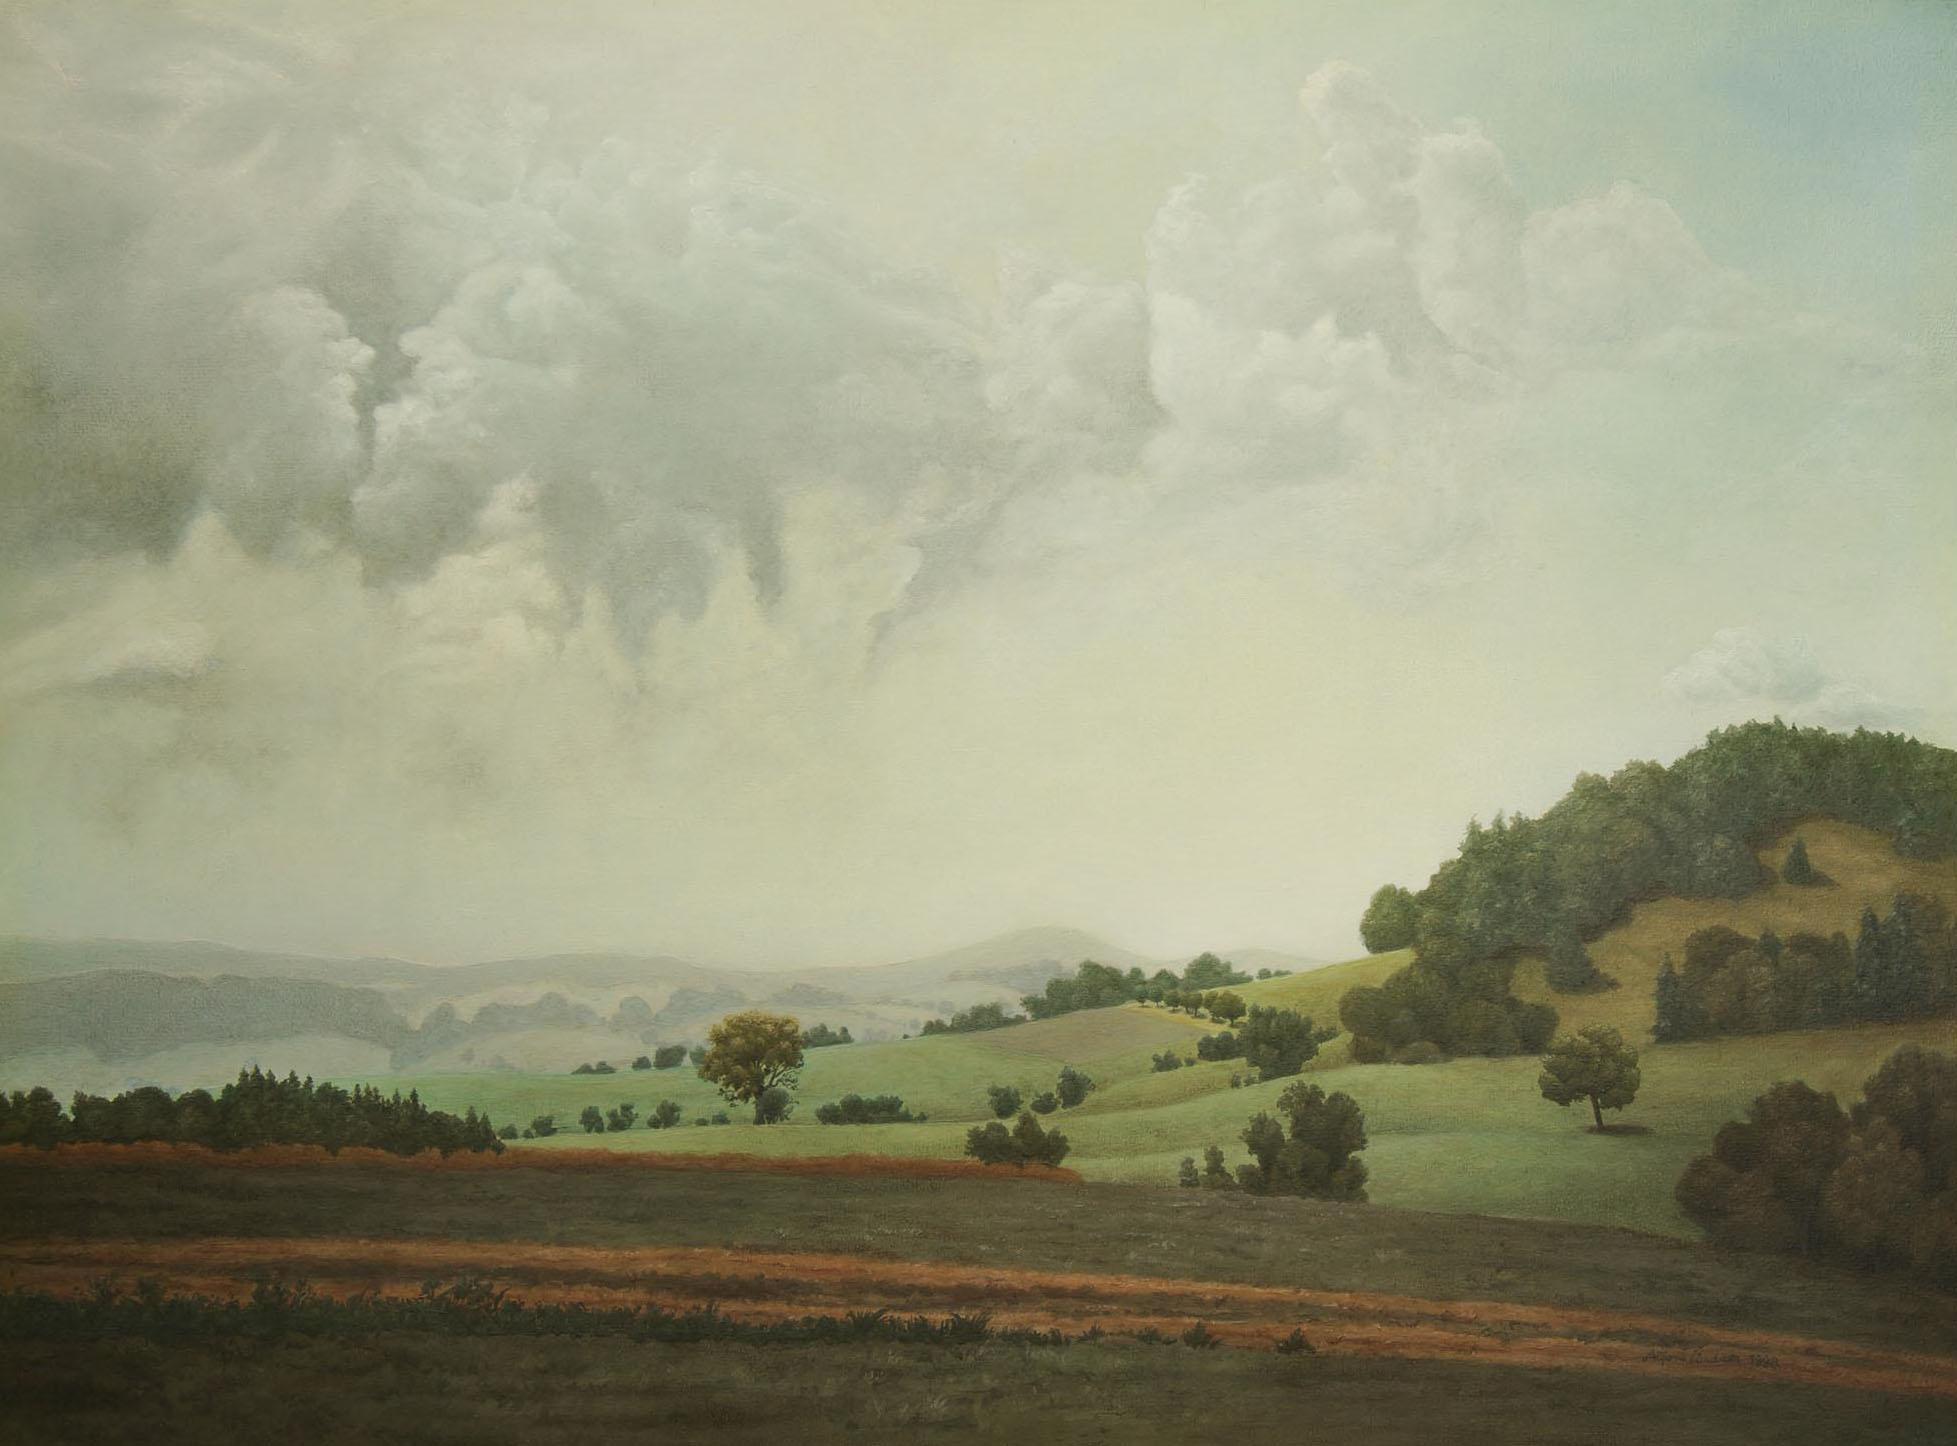 Landschaften aus Deutschland Mitte, Norden, Süden, Osten von Alfons Lindner